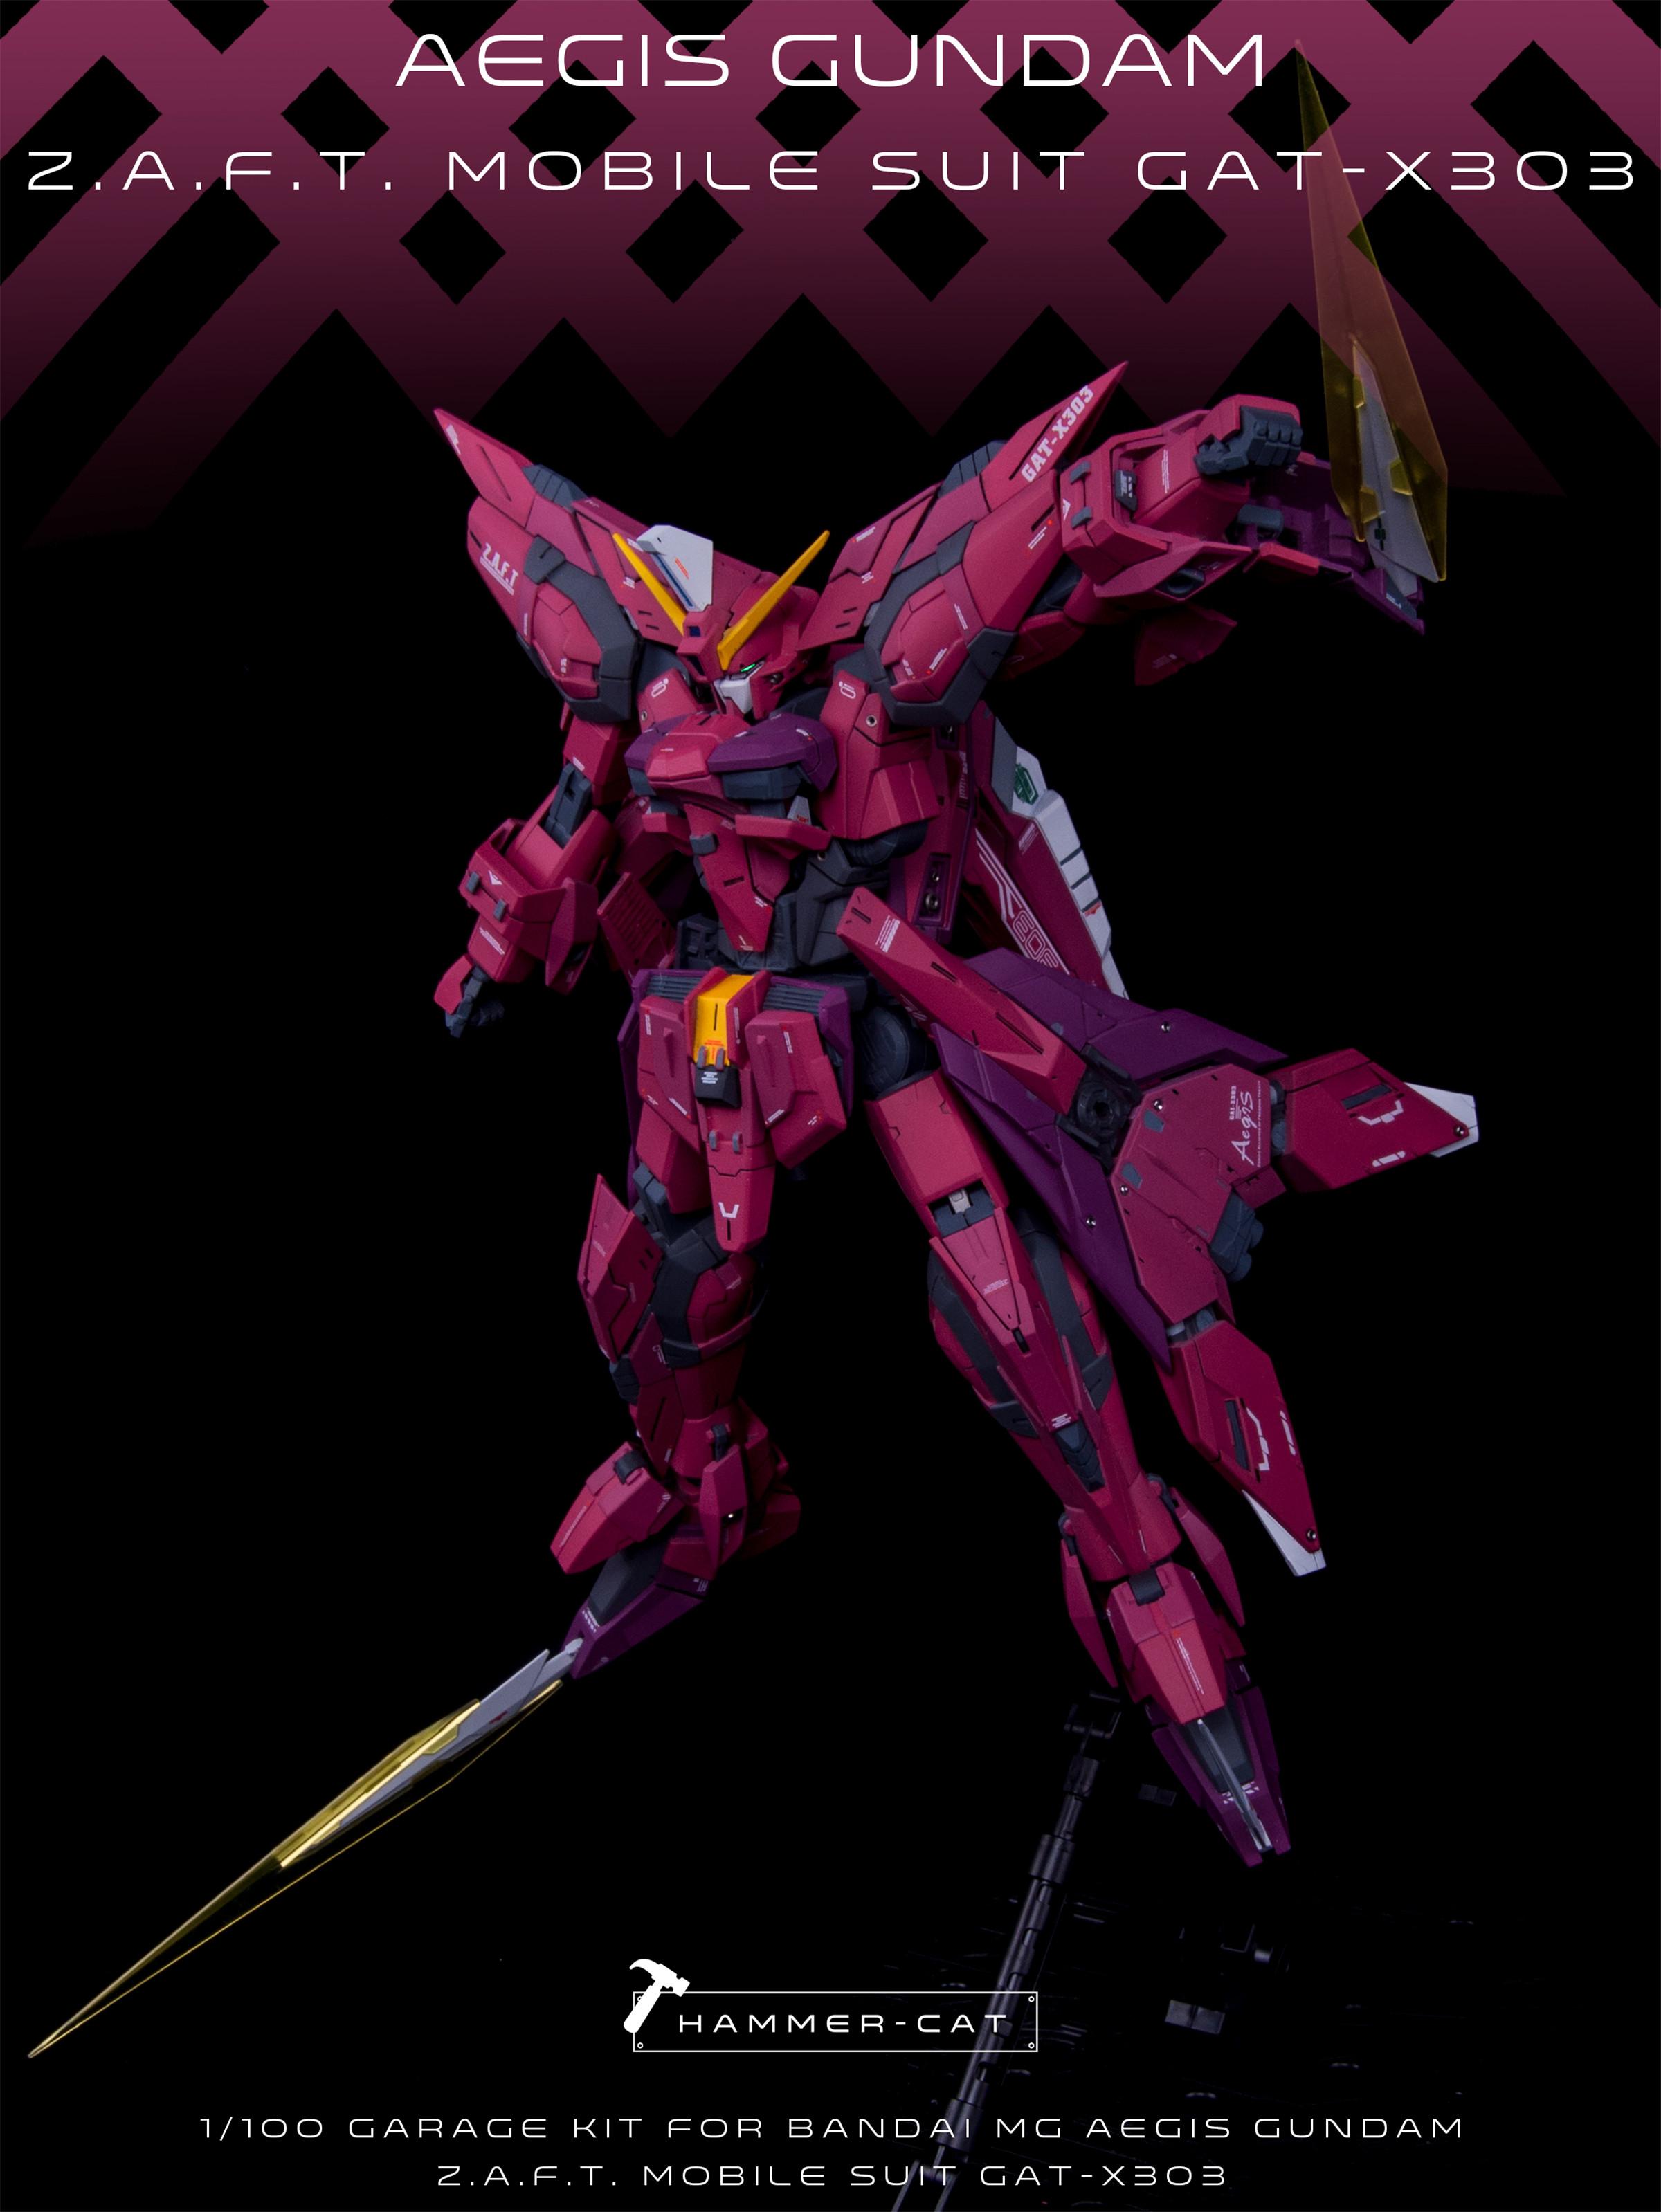 G579_GAT_X303_Aegis_Gundam_002.jpg